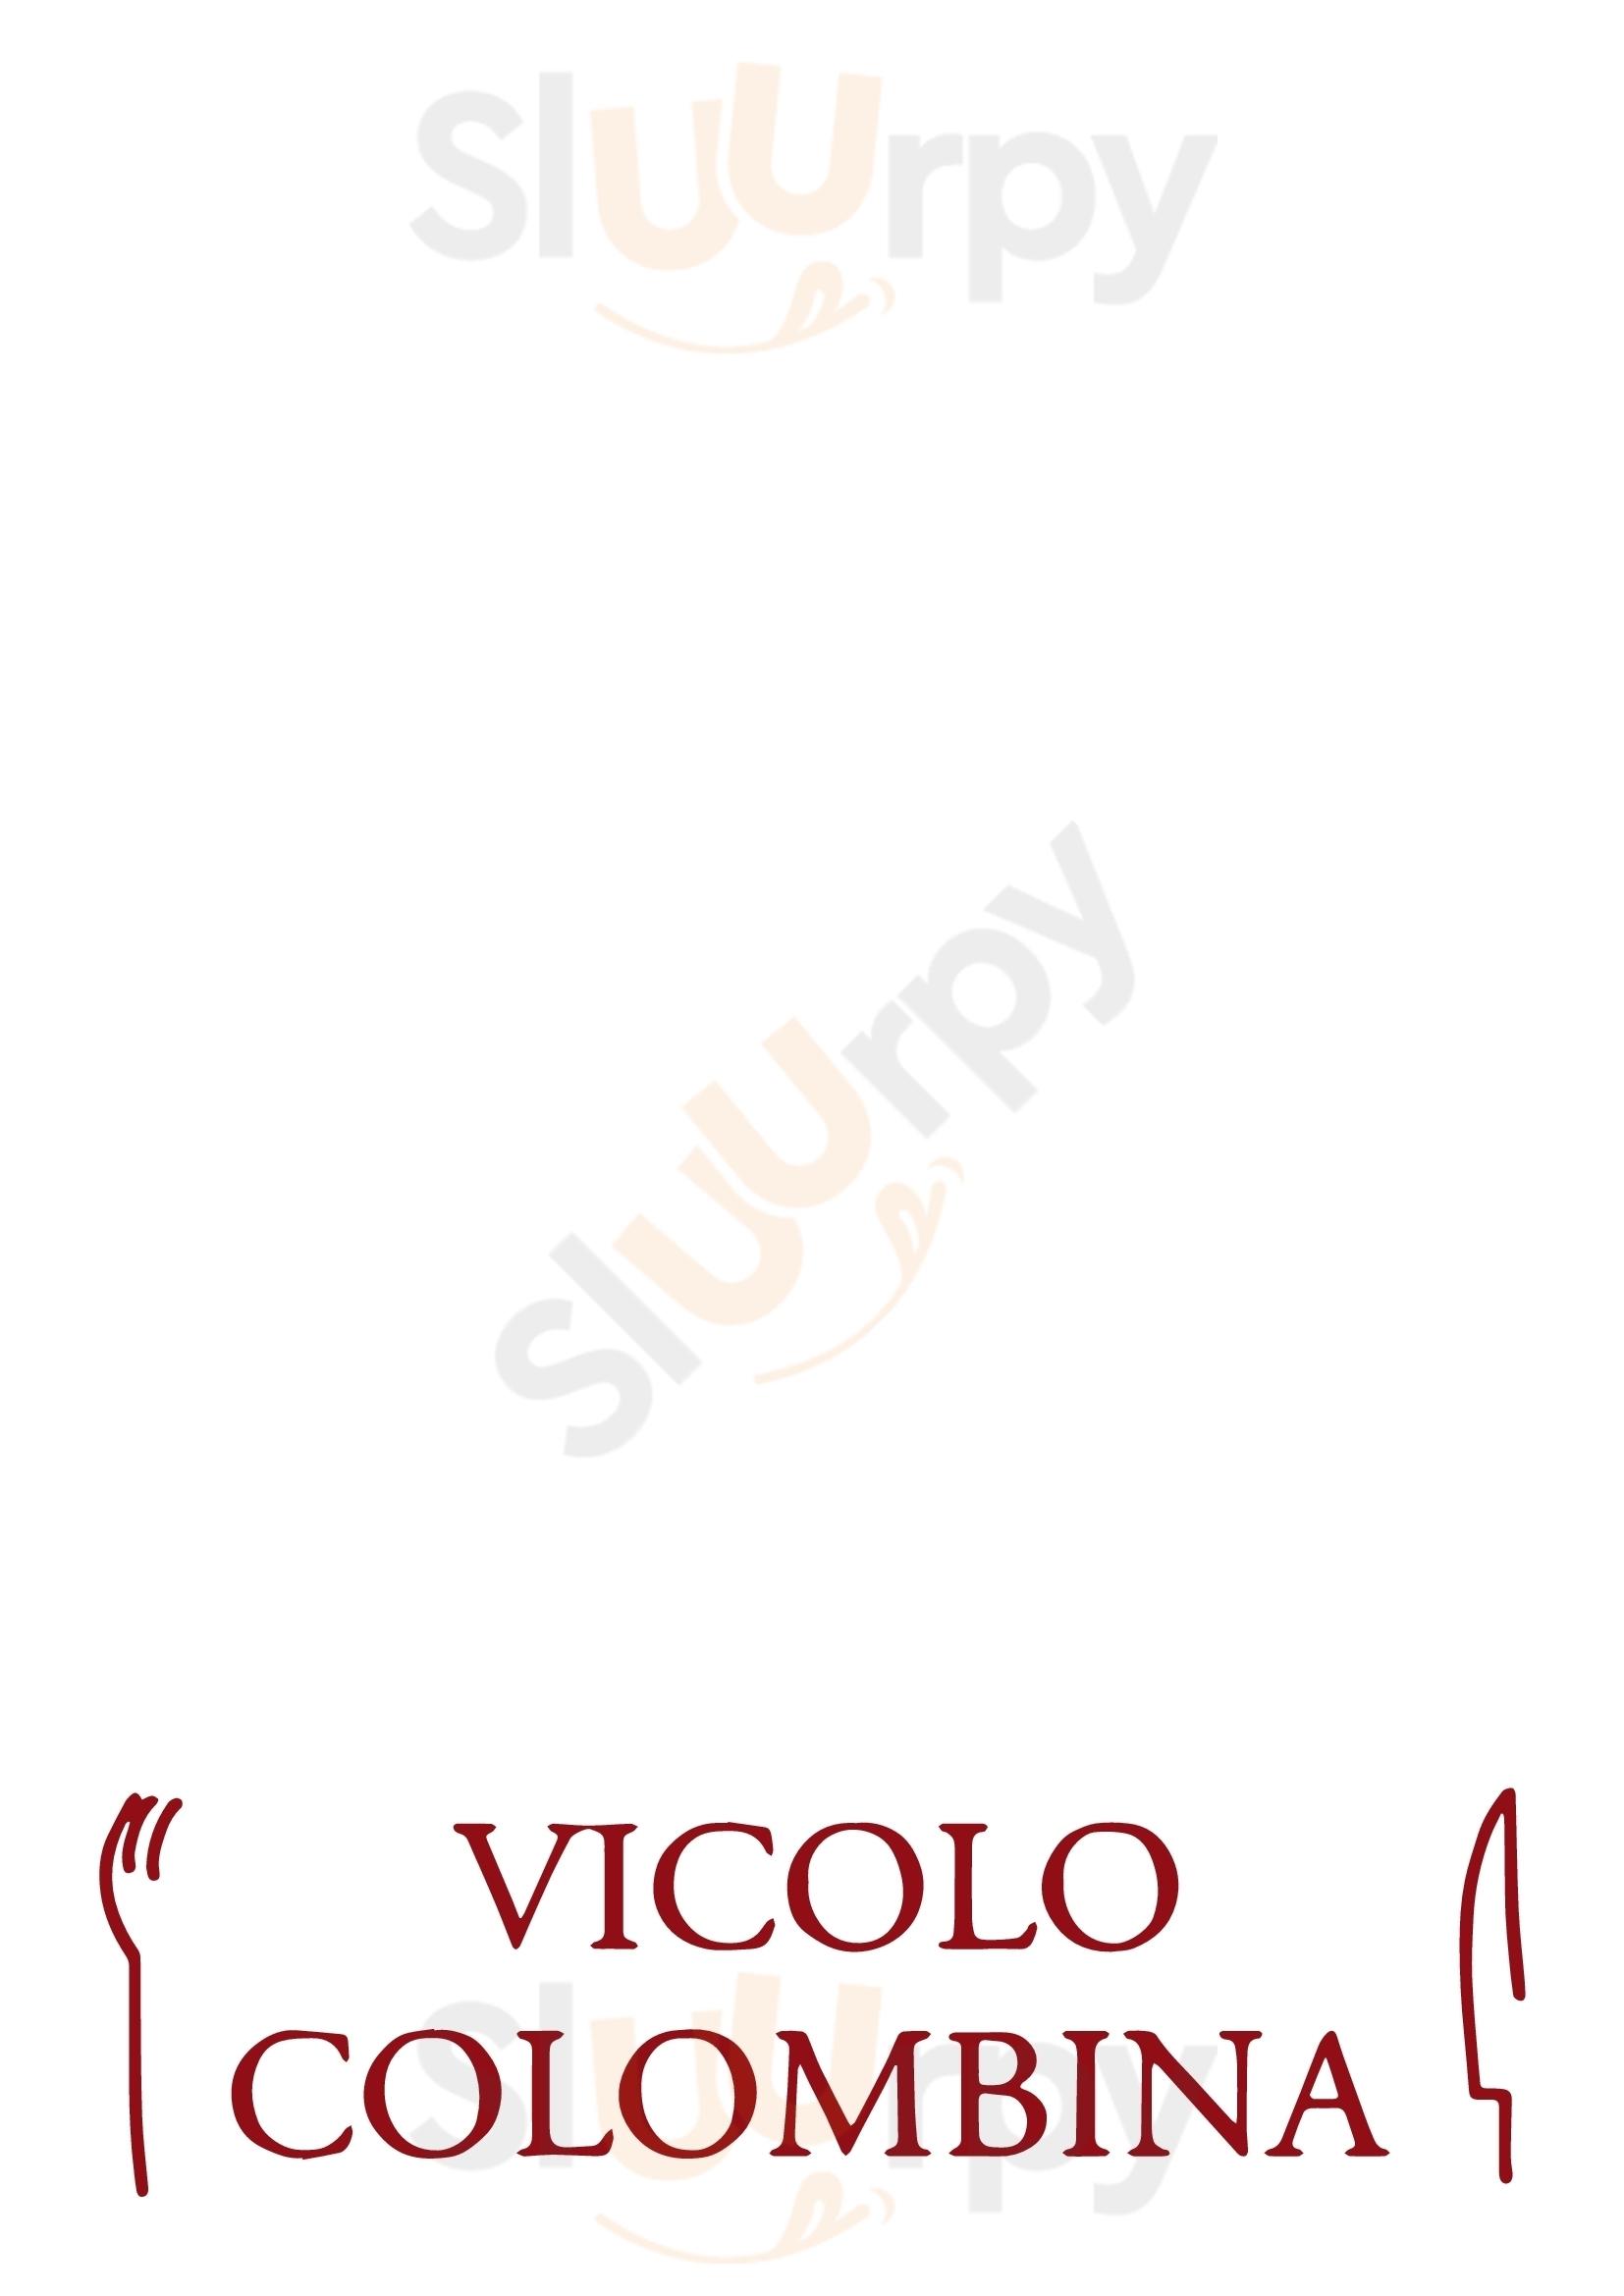 Vicolo Colombina Bologna menù 1 pagina